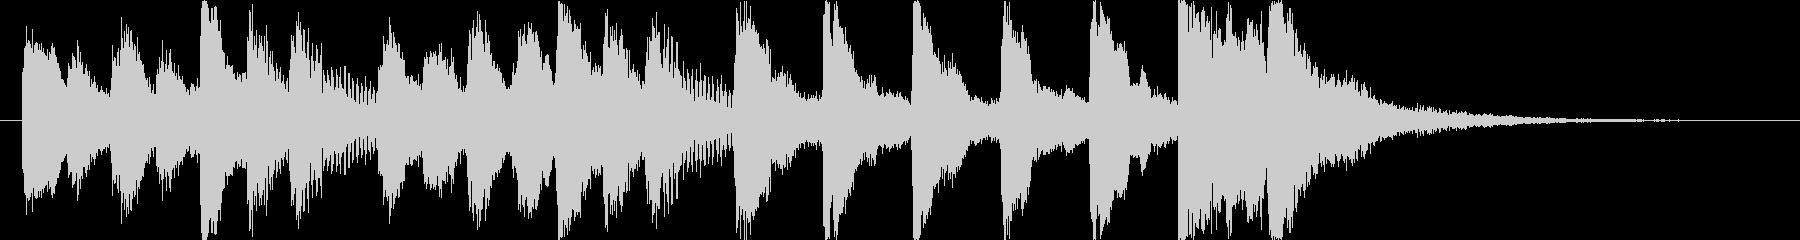 コミカルで怪しいオーケストラロゴ♪の未再生の波形